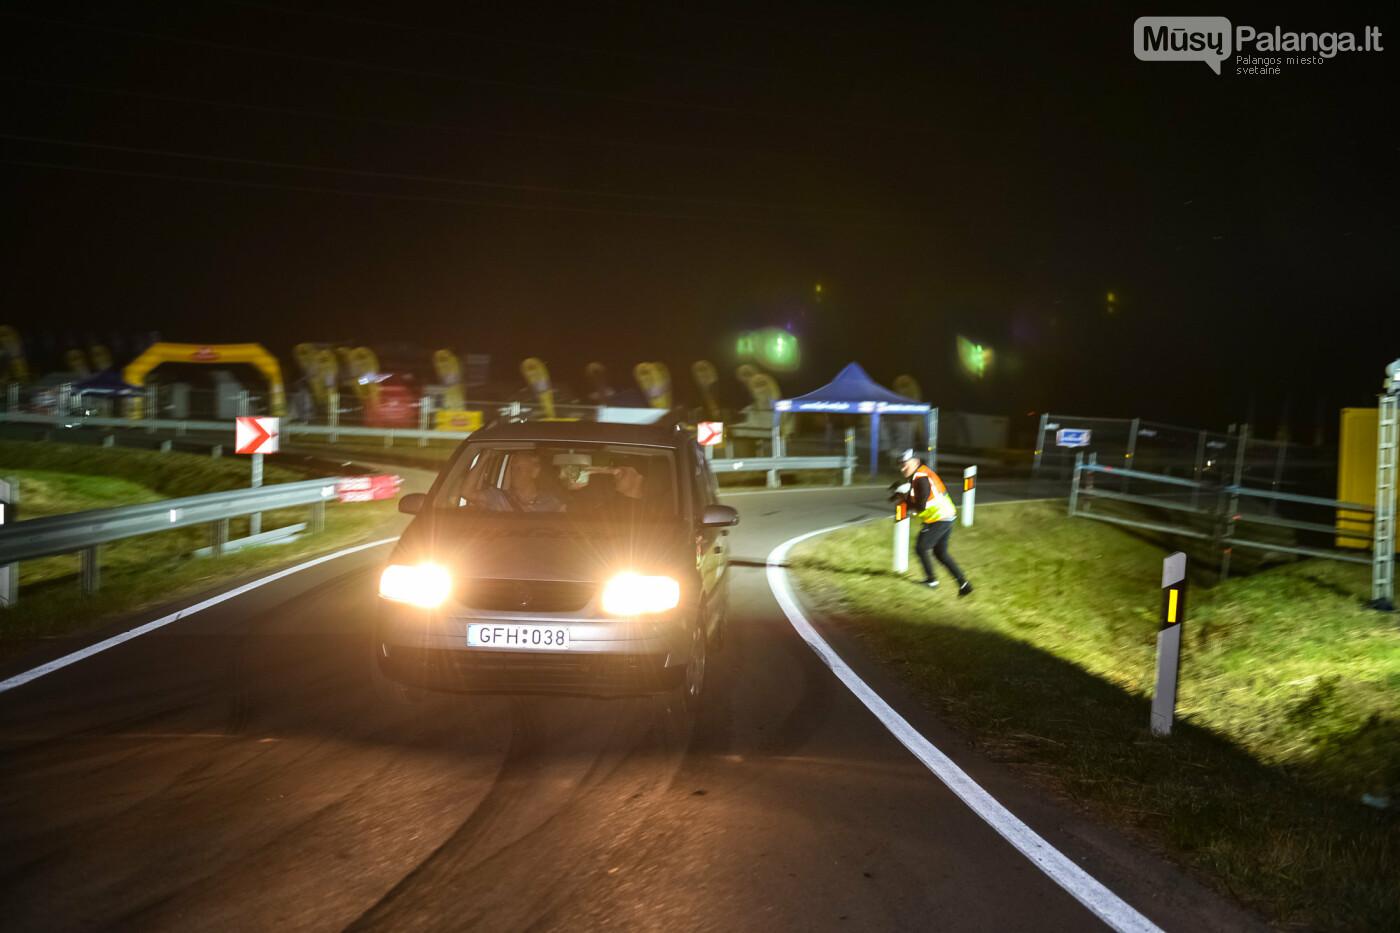 Palangoje pasiektas naujas rekordas: automobilis be alyvos važiavo 2,5 valandos, nuotrauka-1